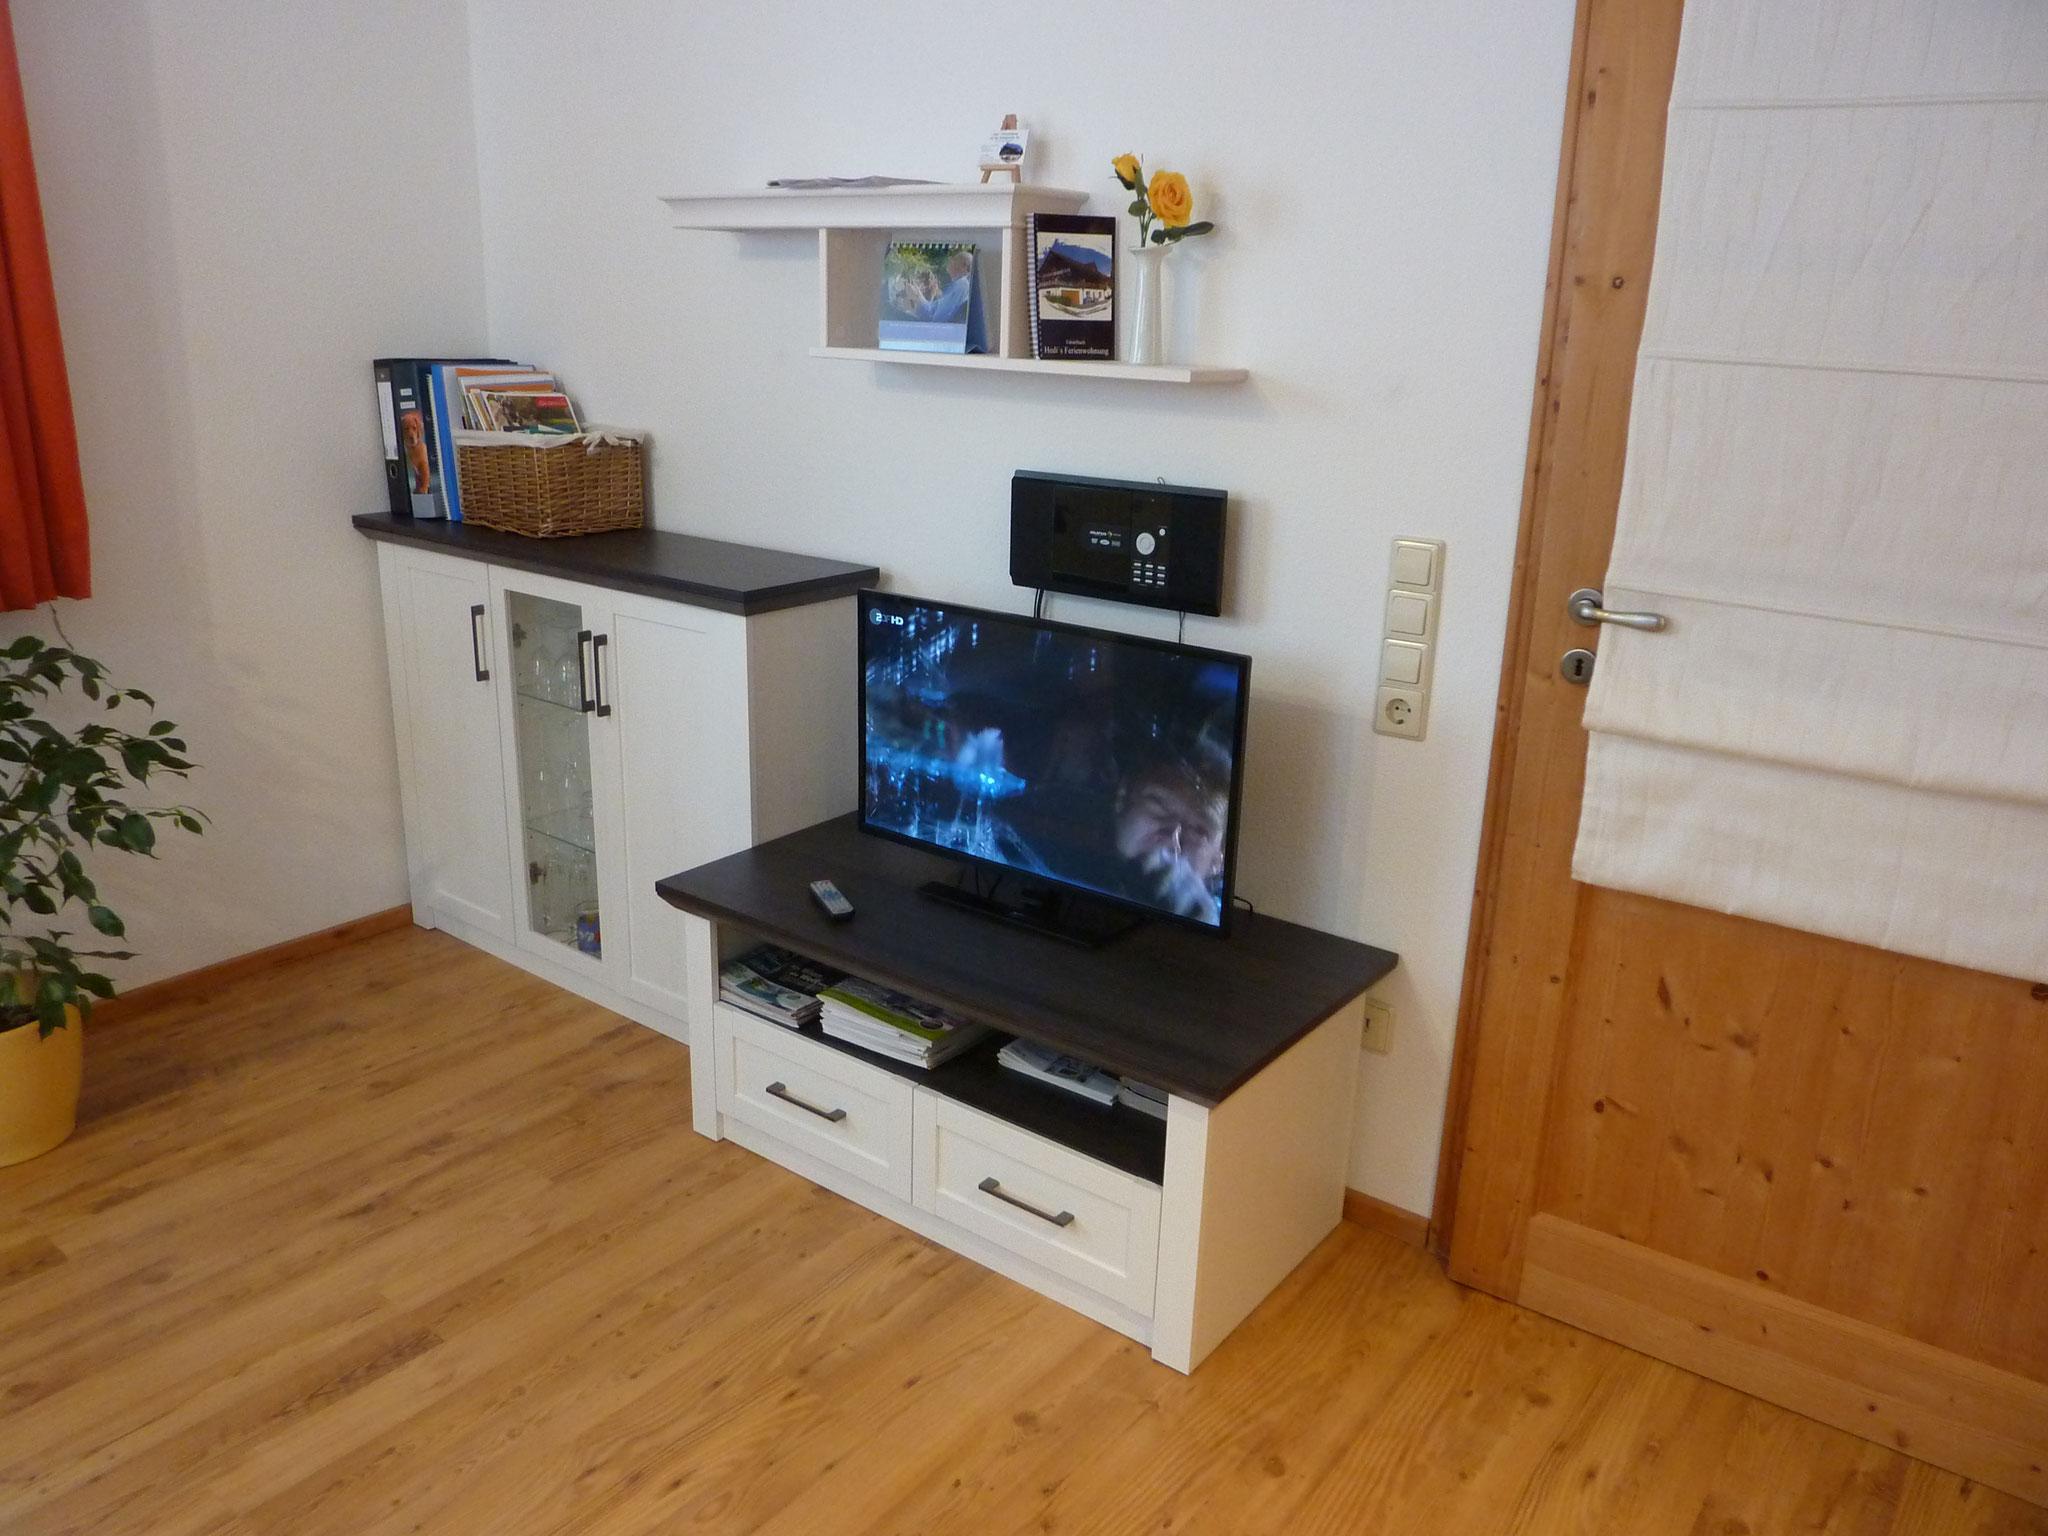 Wohnwand mit TV und Stereoanlage